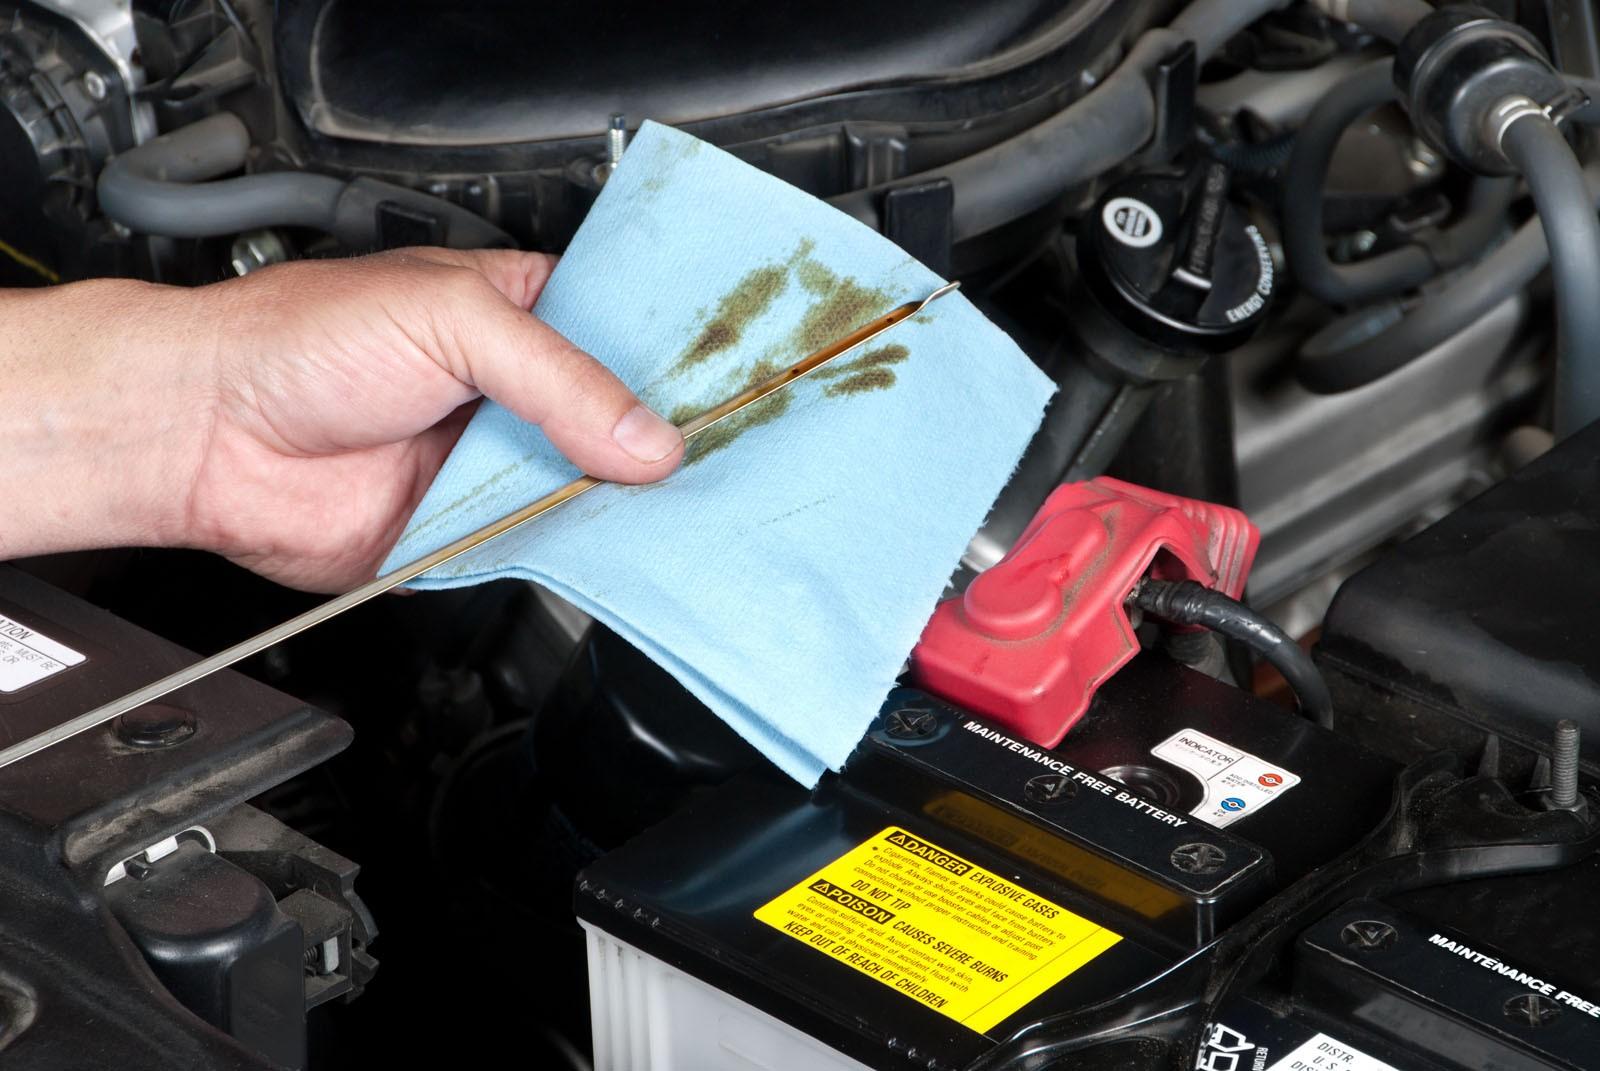 Чёрный дым, сизый дым, вибрации и стук: как правильно проверять дизельный мотор